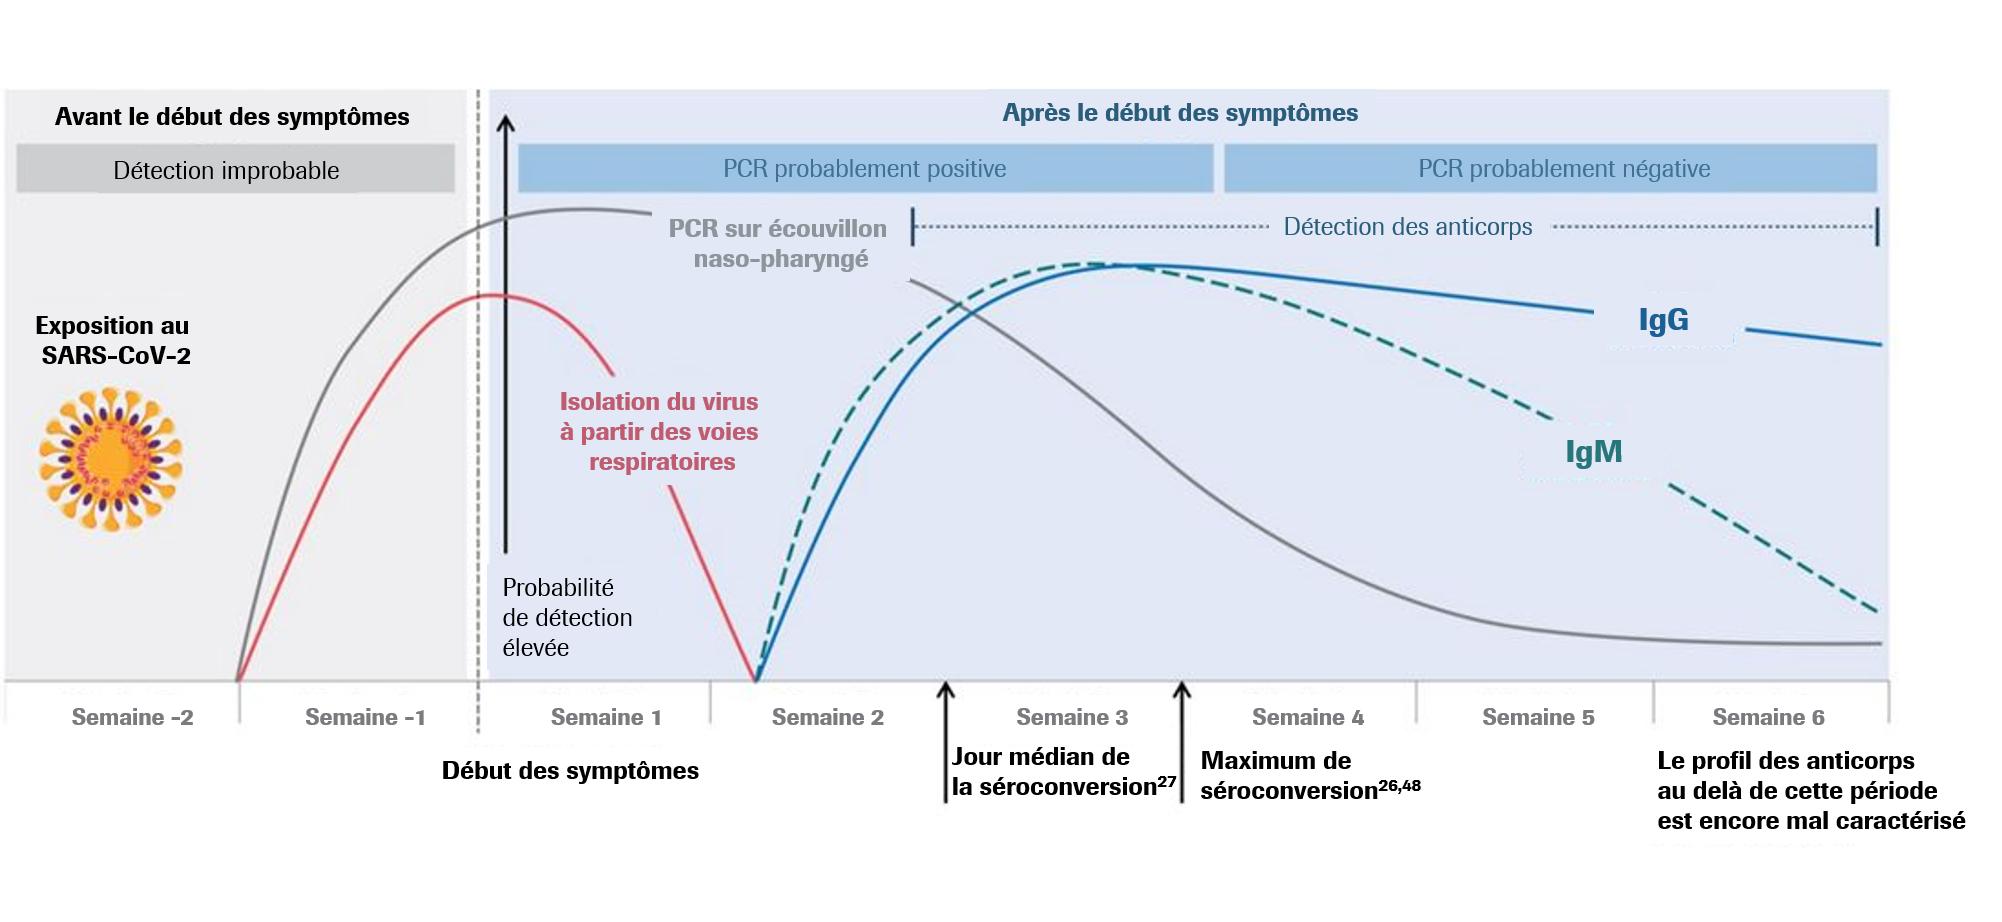 Estimation de l'évolution des marqueurs lors de l'infection par le SARS-CoV-2